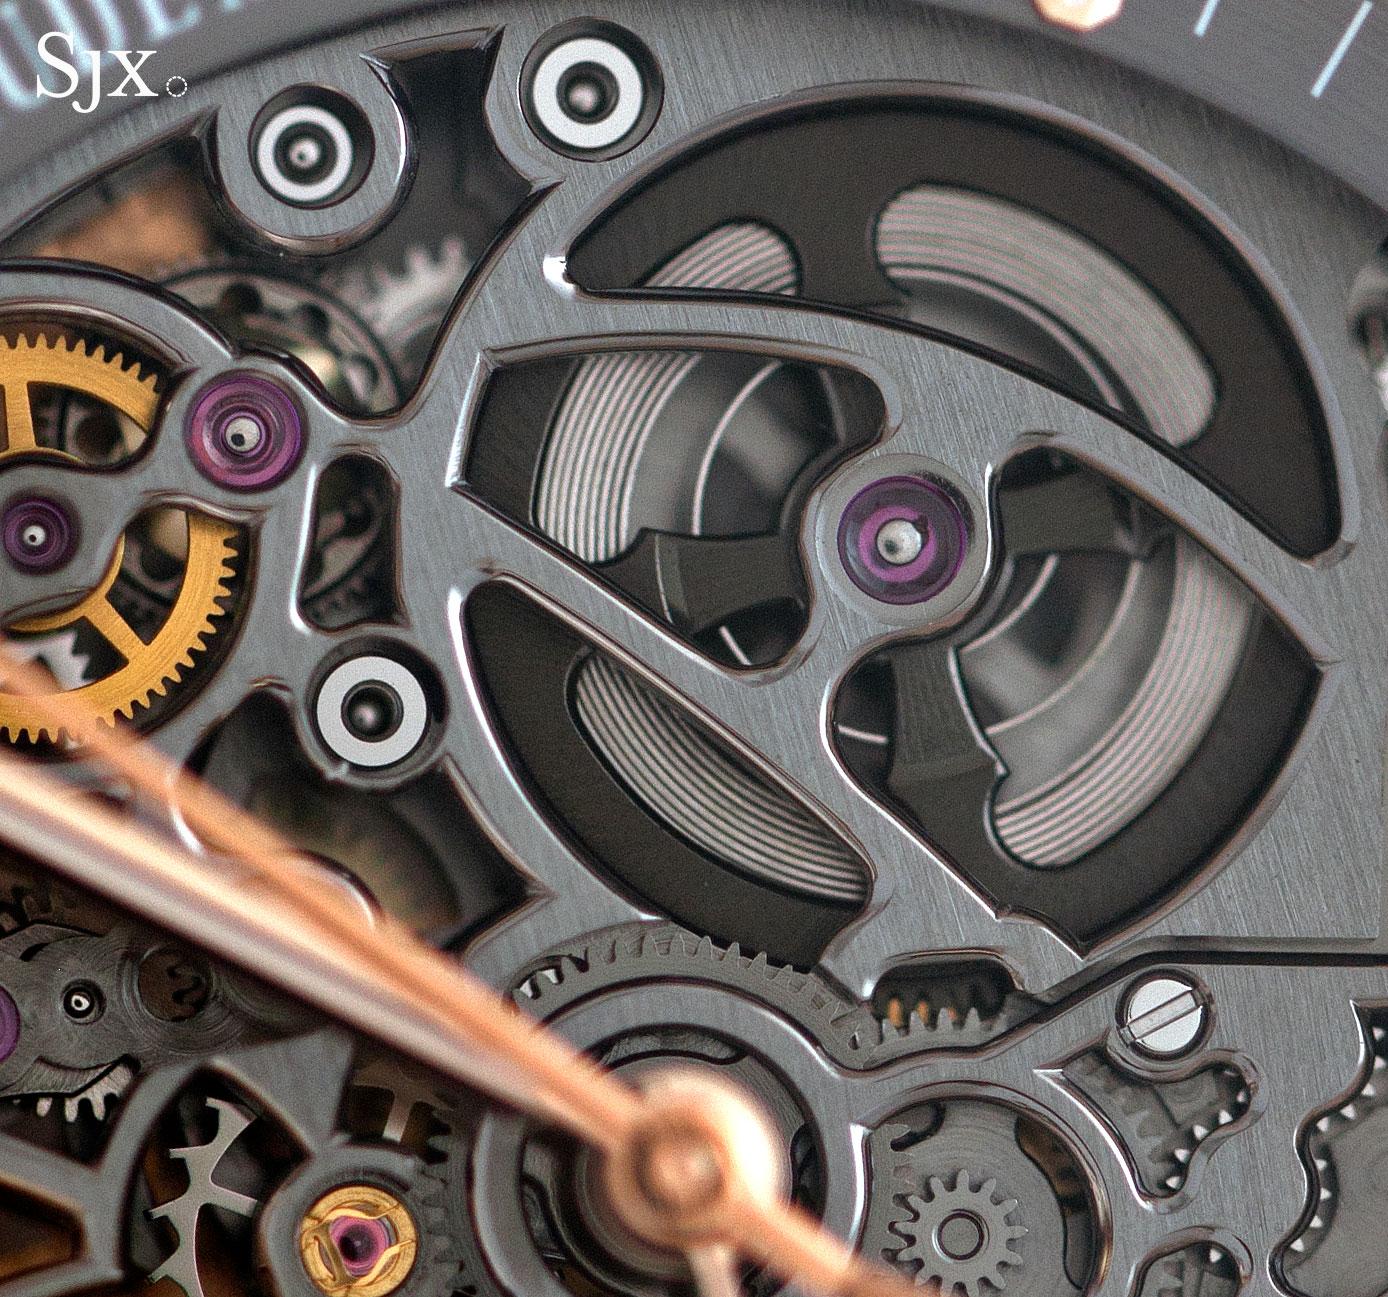 Audemars Piguet Royal Oak Double Balance Wheel Openworked pink gold 6